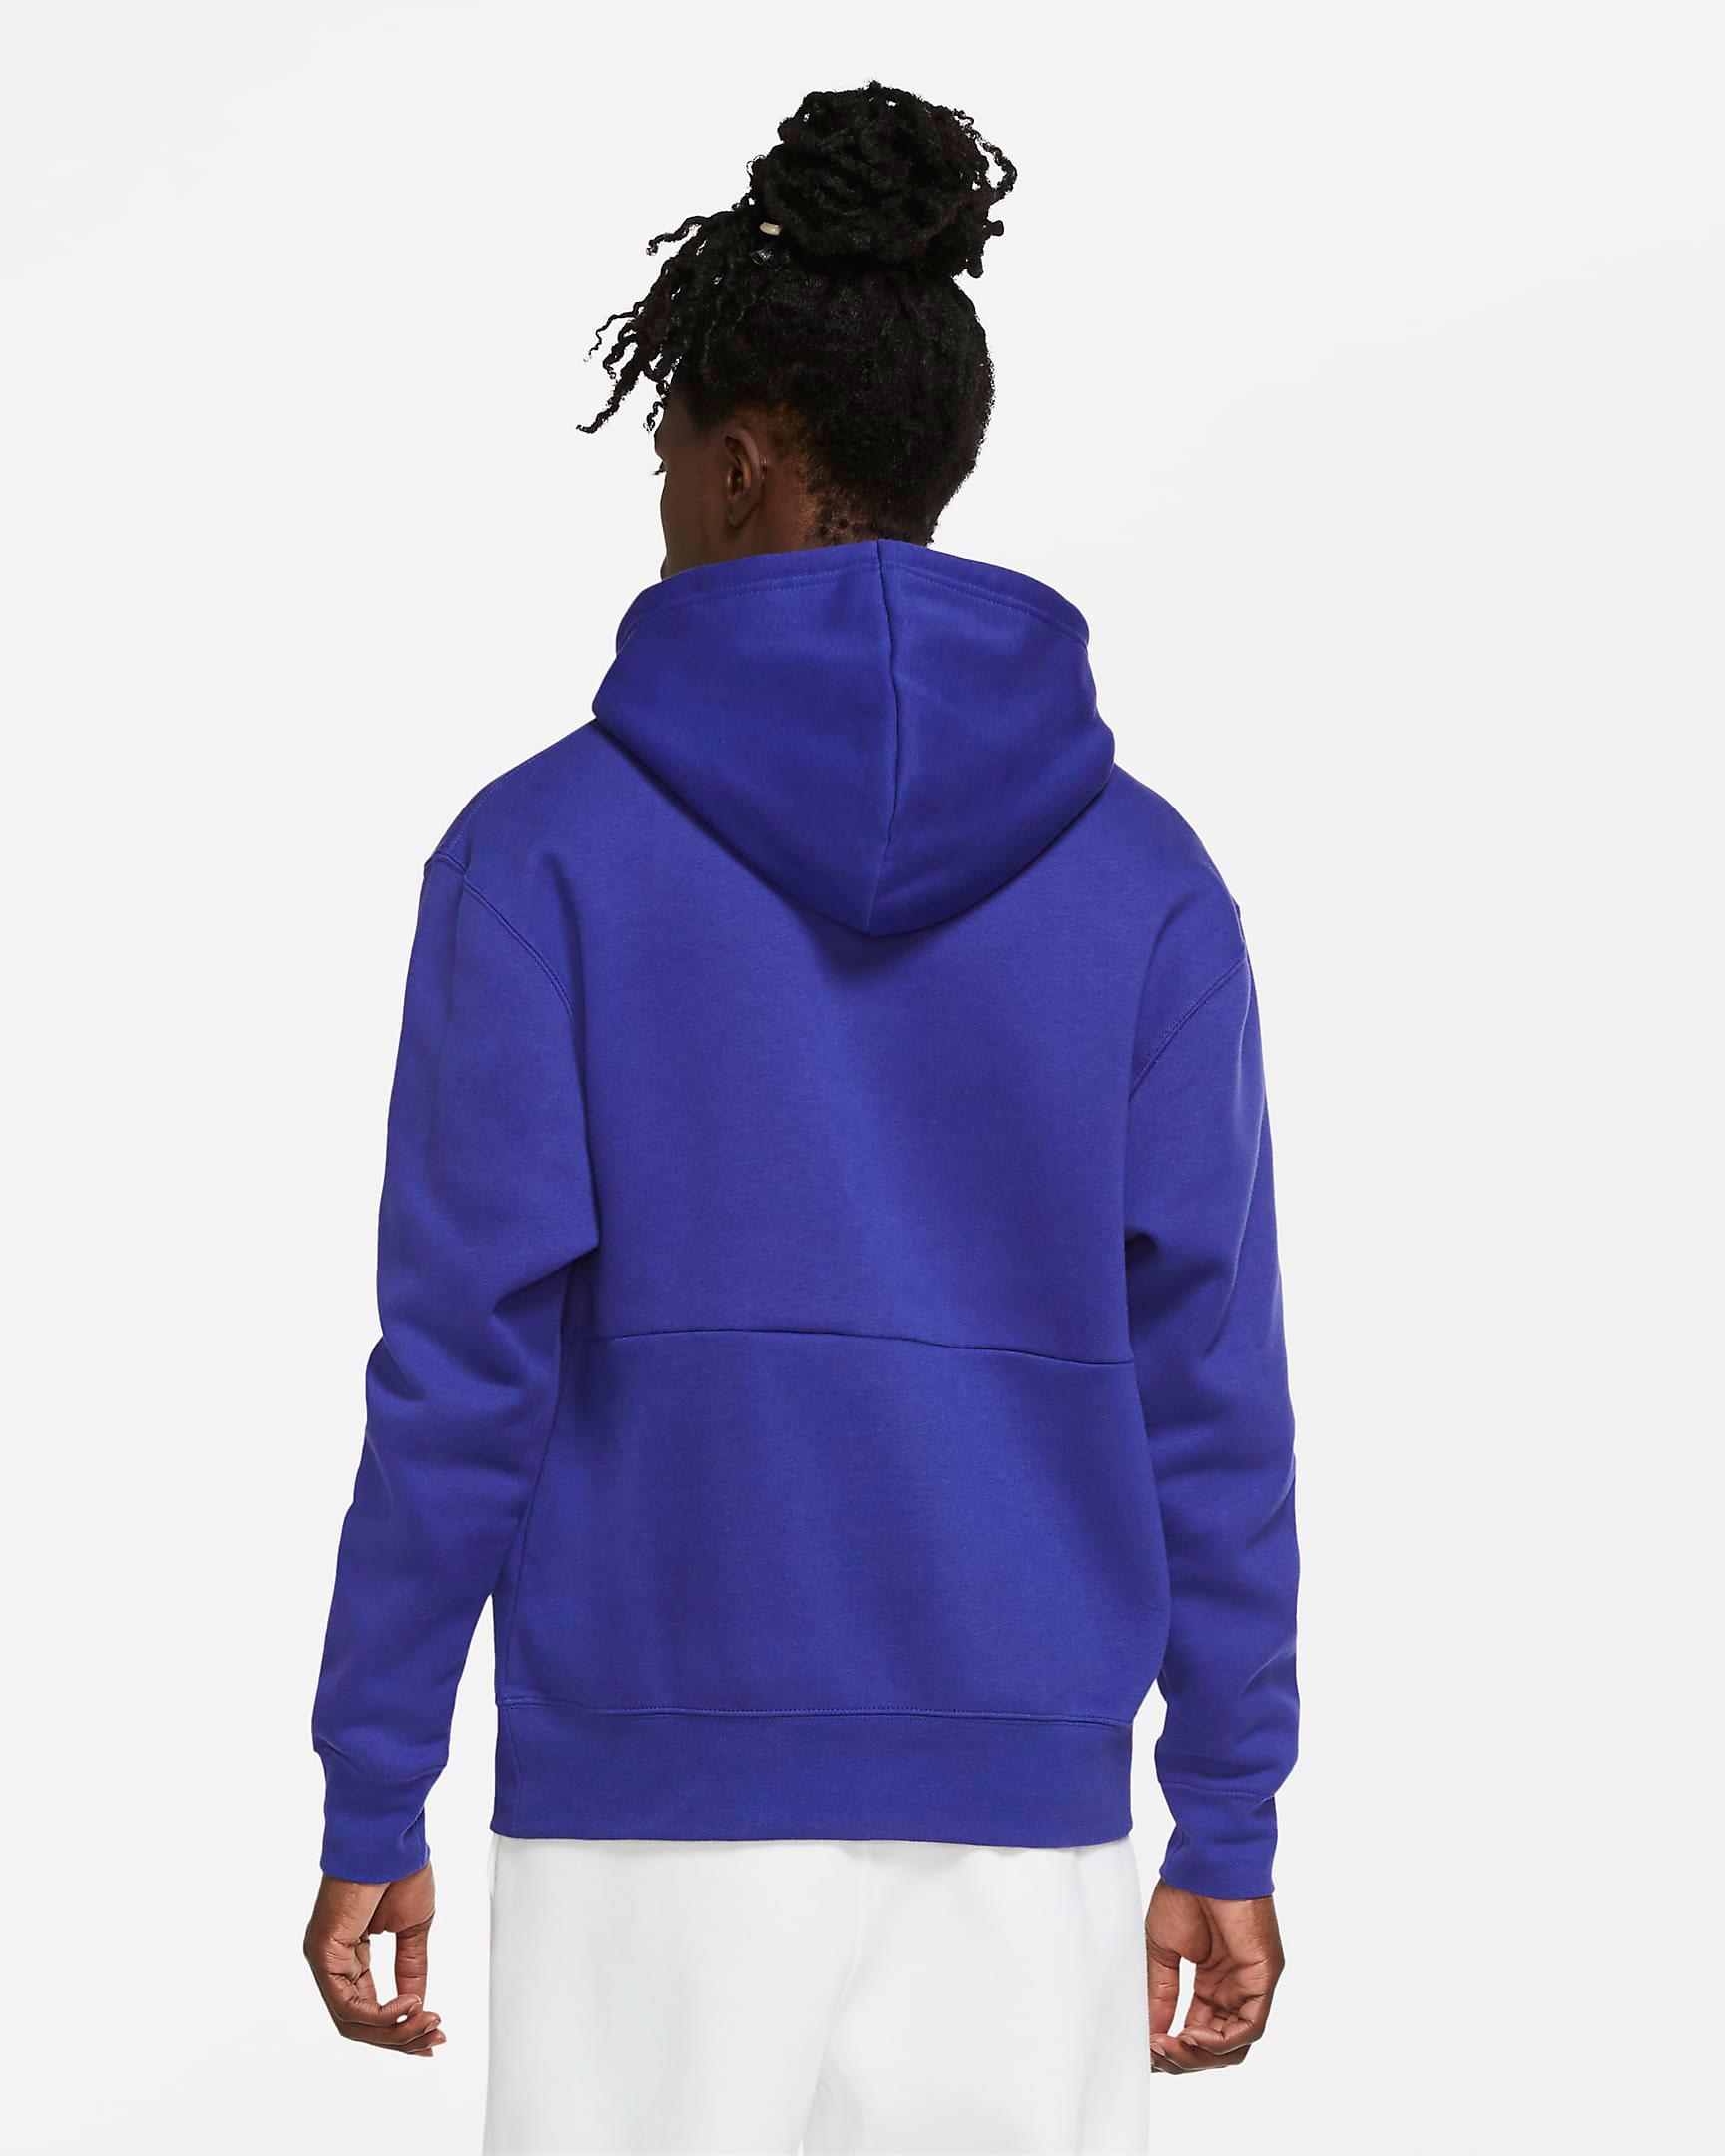 jordan-12-dark-concord-hoodie-3